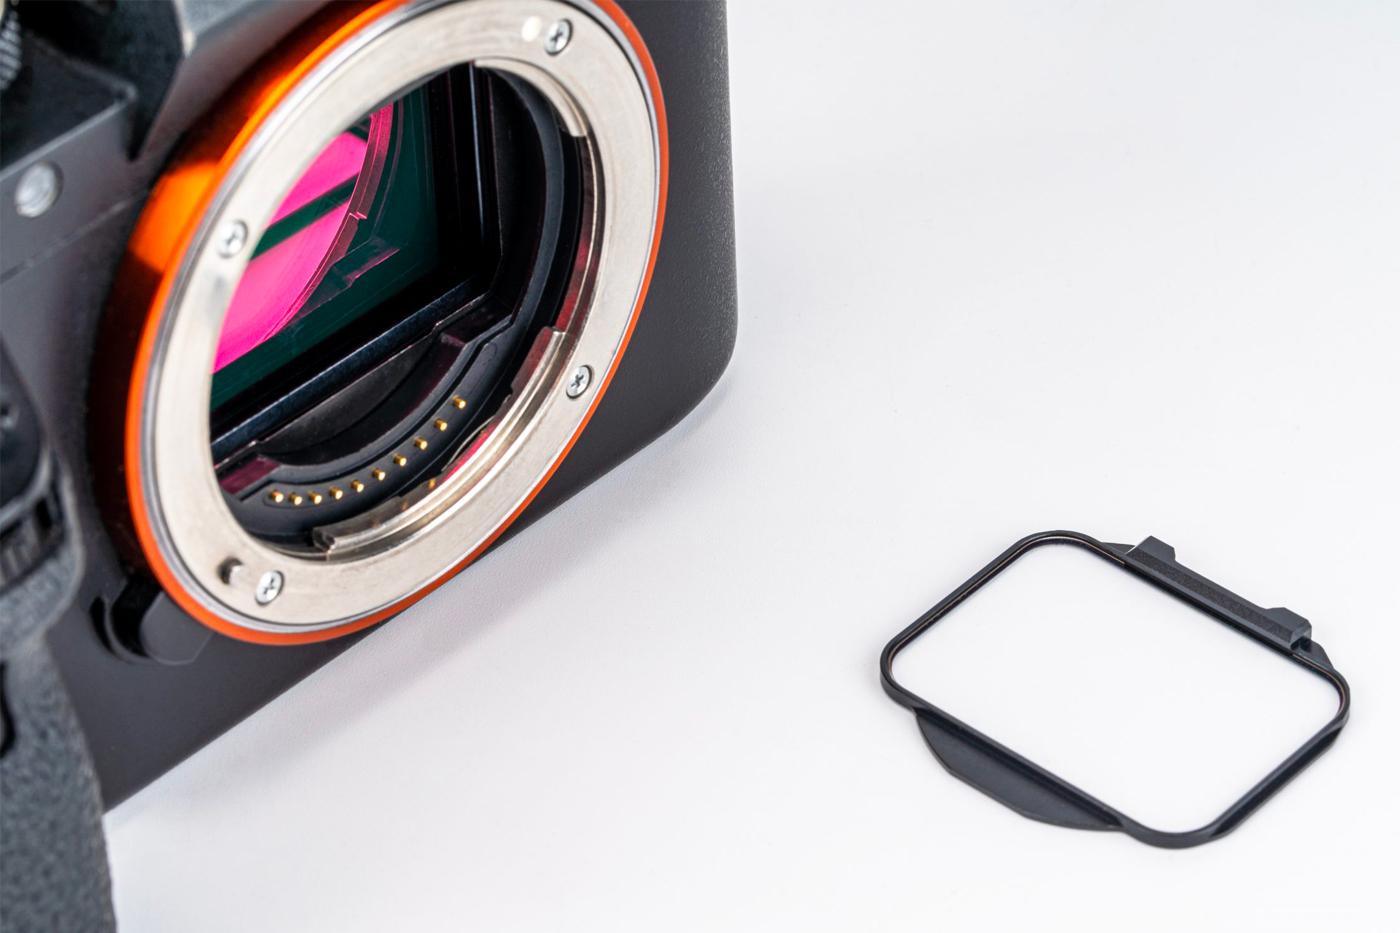 Filtres Clip-in de Kase : les filtres s'invitent devant votre capteur